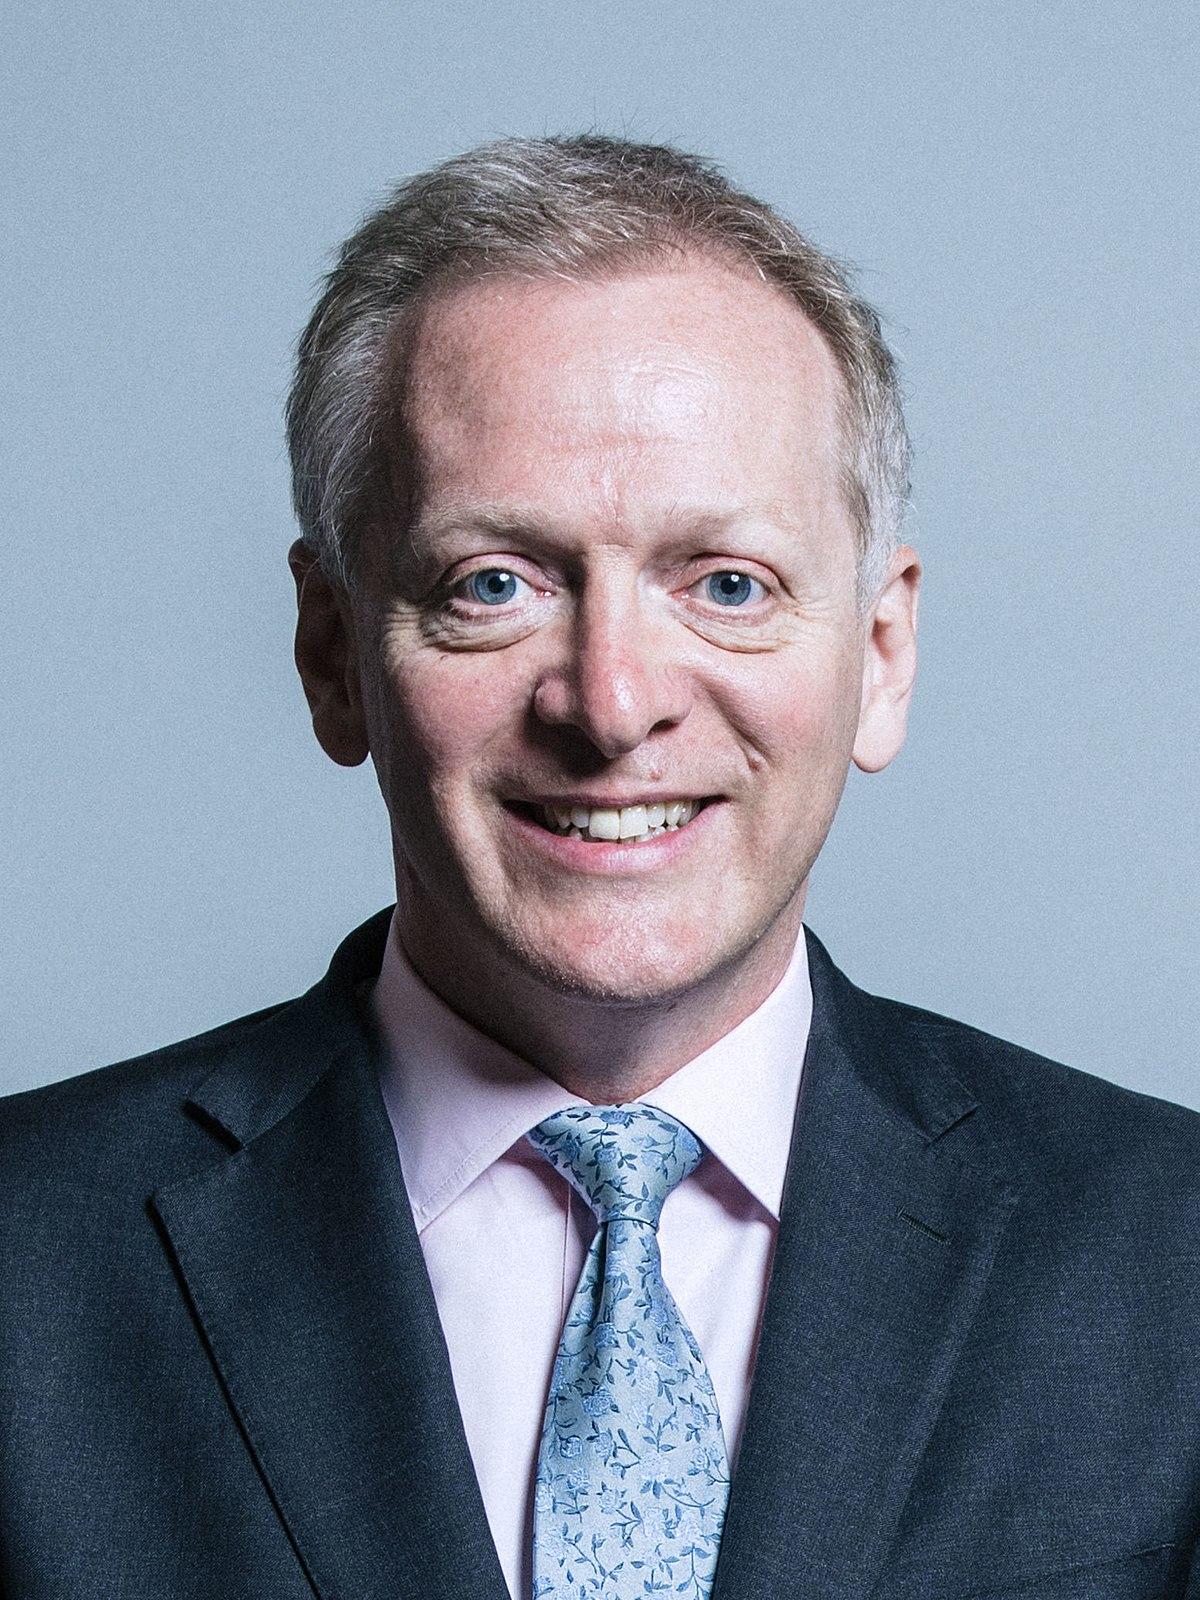 Phillip Lee (politician) - Wikipedia